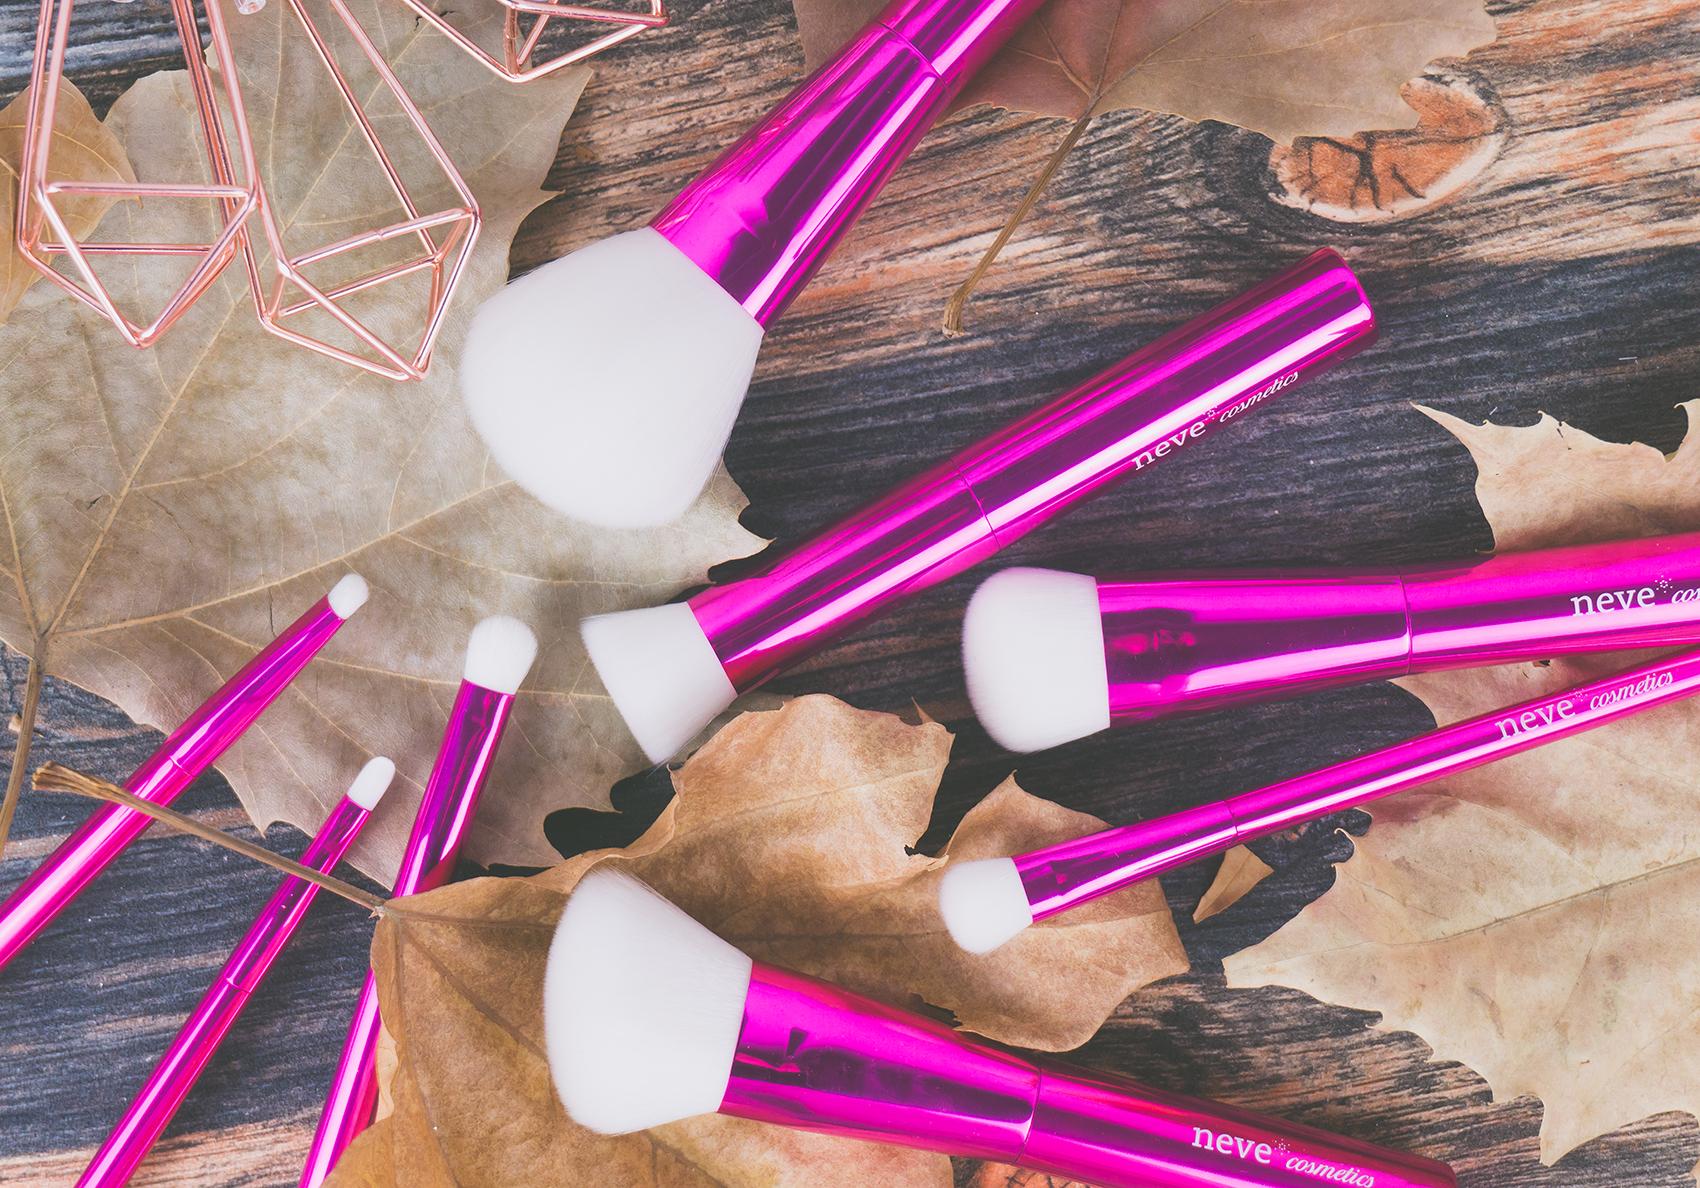 9b3ea0a77c Azalea Brushes Neve Cosmetics: recensione pennelli fucsia con setole ...